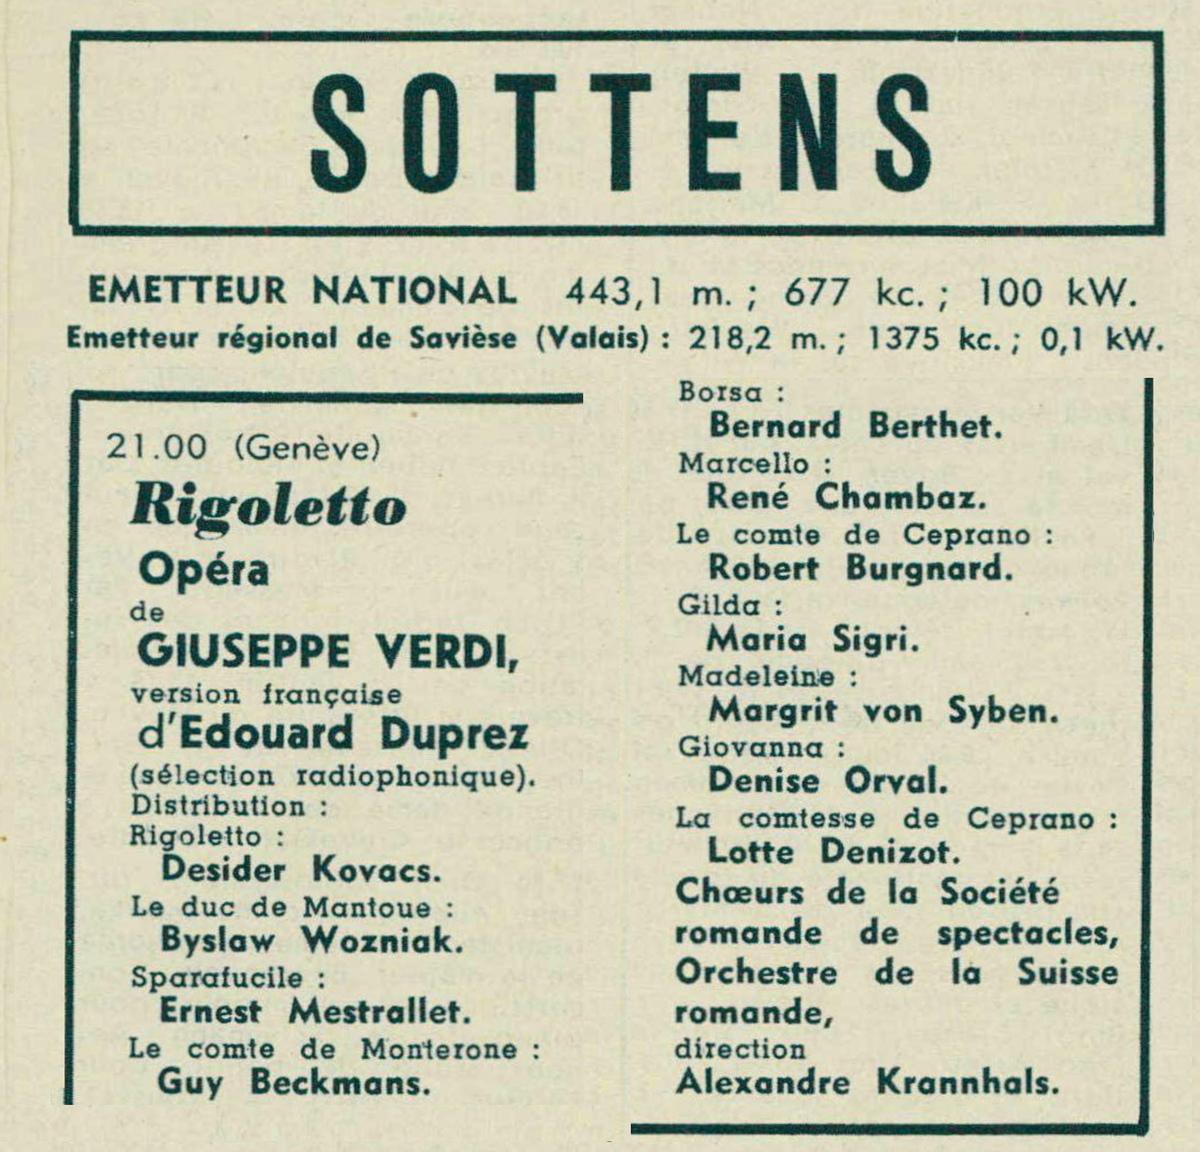 Photo-montage réalisé sur la base du programme radio publié en page 1211 de la revue Radio Actualités du 19 août 1949